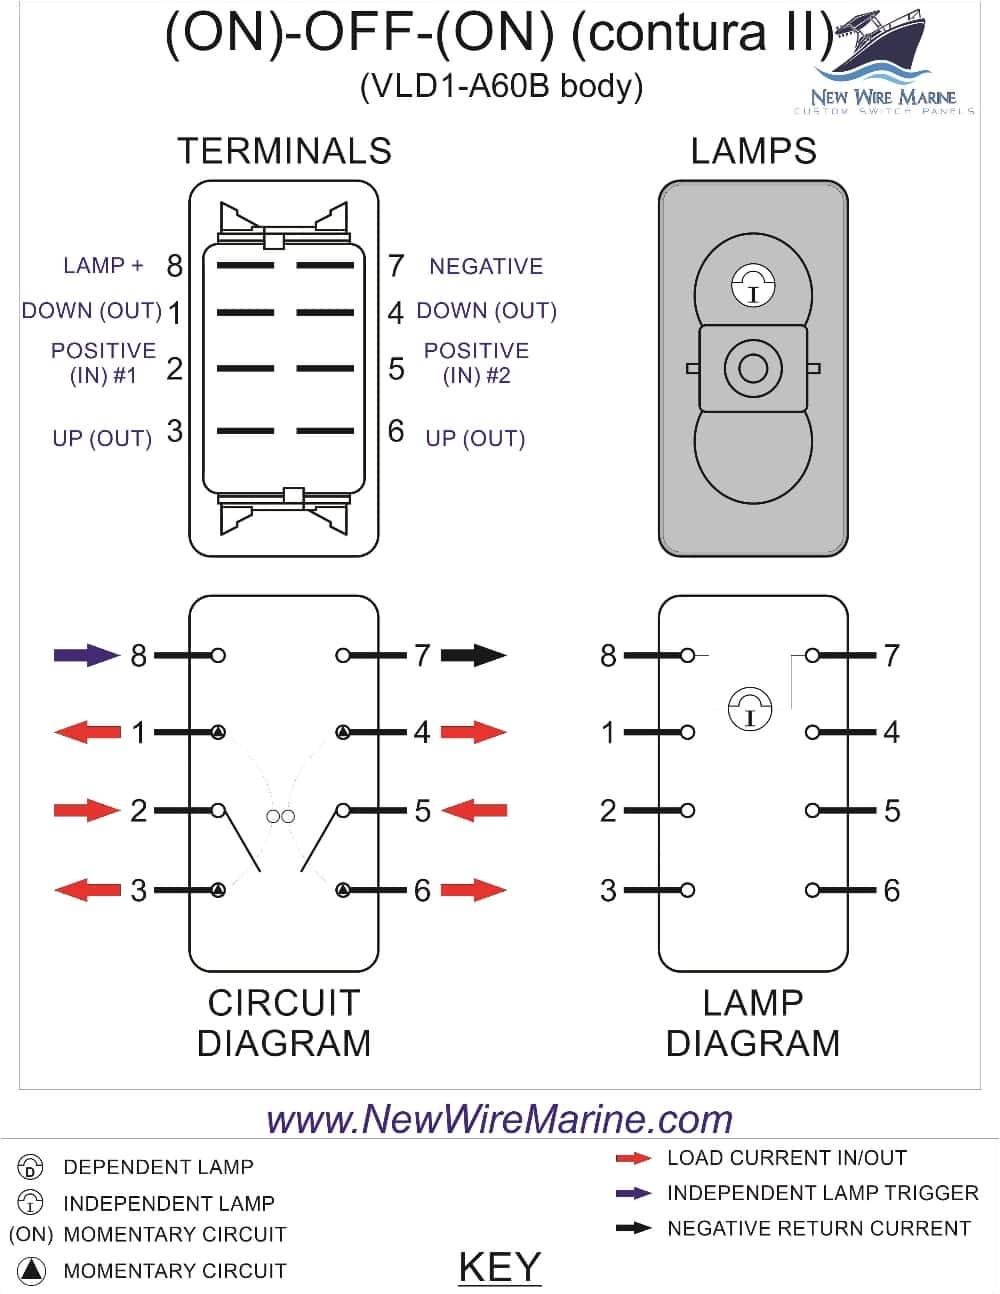 8 pin switch wiring diagram wiring diagrams konsult 8 pin toggle switch wiring diagram 8 pin switch wiring diagram